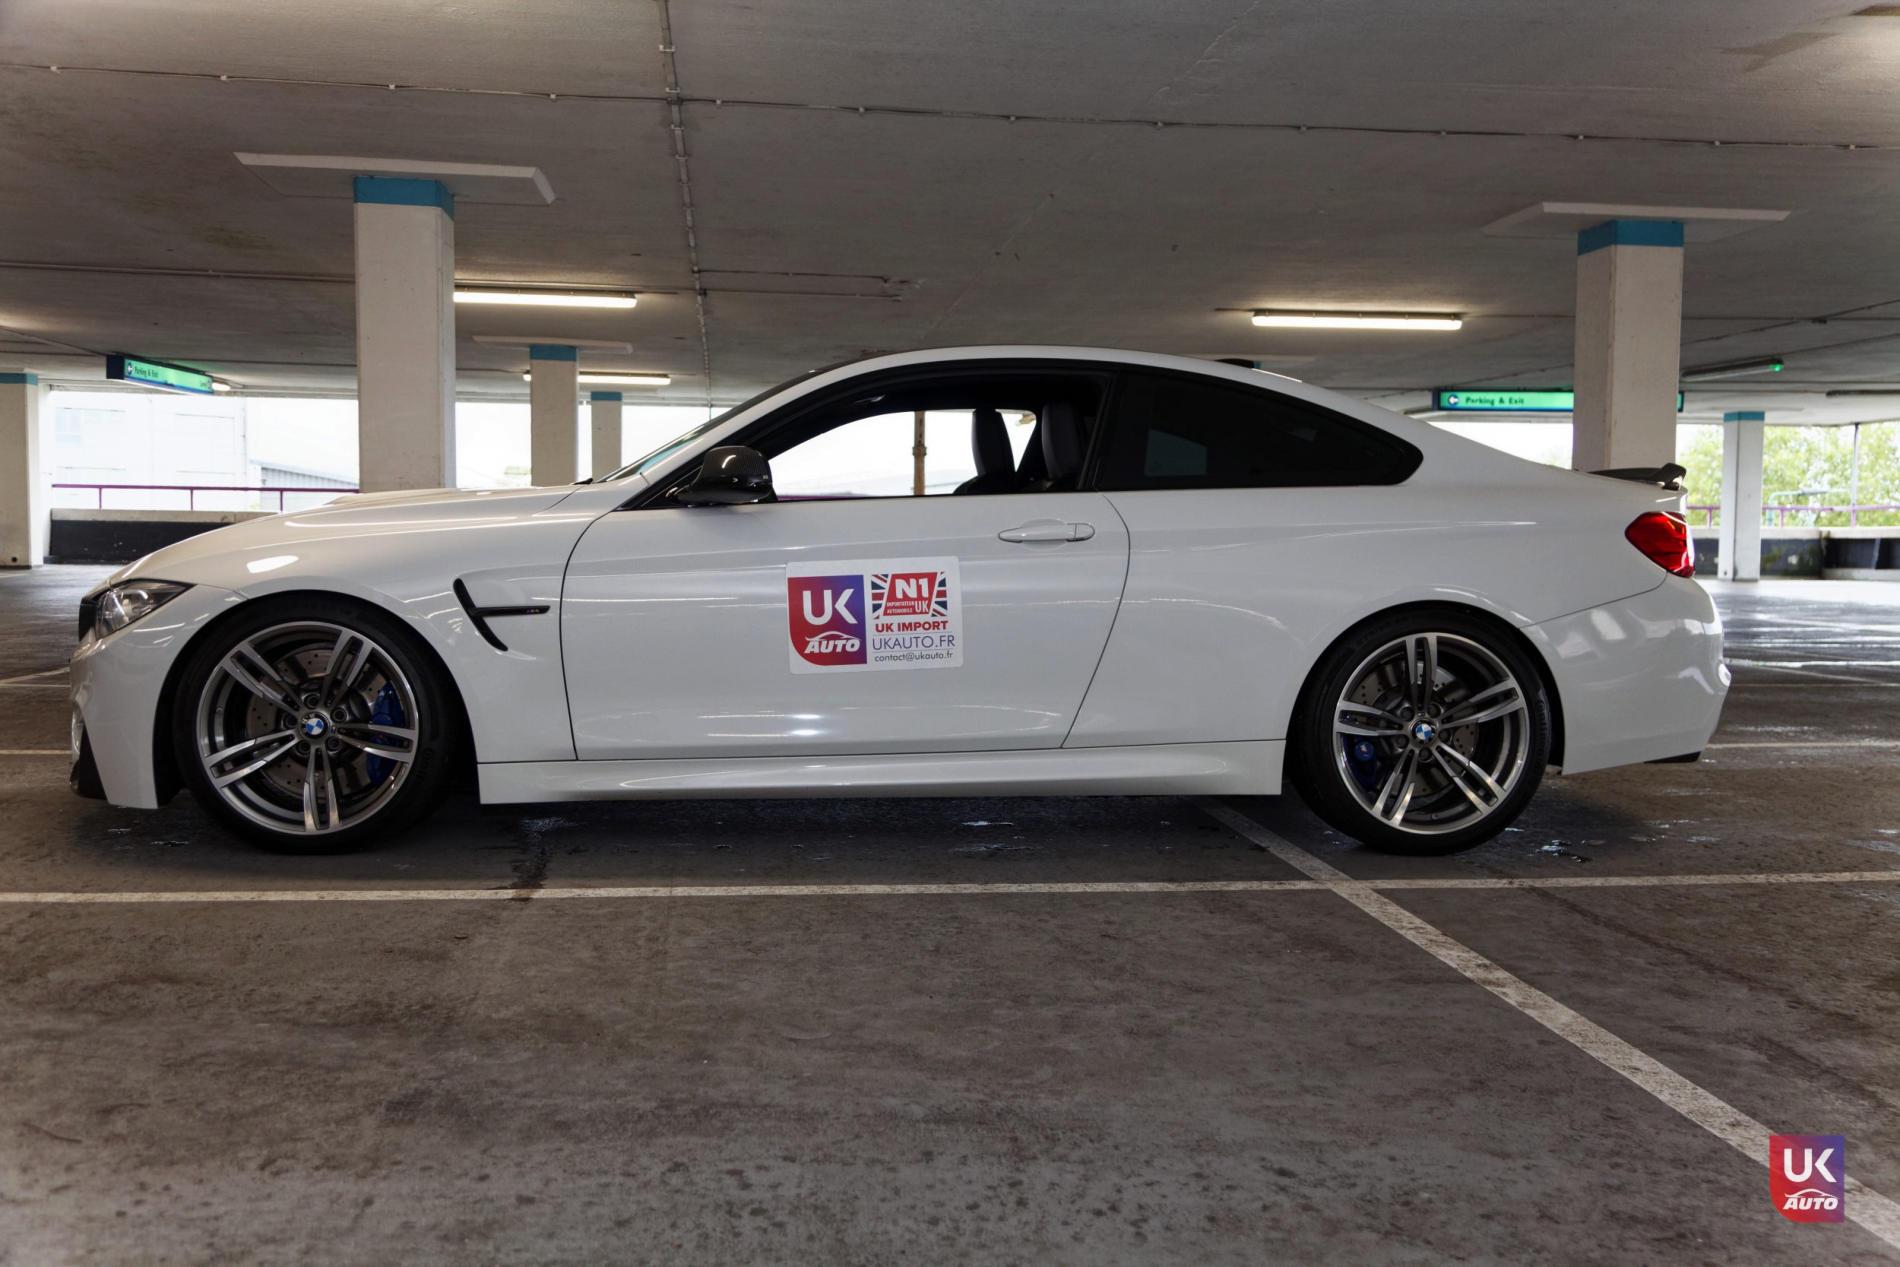 BMW M4 UK IMPORTATION M4 ANGLETERRE LIVRAISON DE CETTE BMW POUR NOTRE CLIENT POUR CETTE M4 RHD PAR UKAUTO2 - BMW M4 UK IMPORTATION M4 ANGLETERRE LIVRAISON DE CETTE BMW POUR NOTRE CLIENT POUR CETTE M4 RHD FELICITATION A FLORIAN